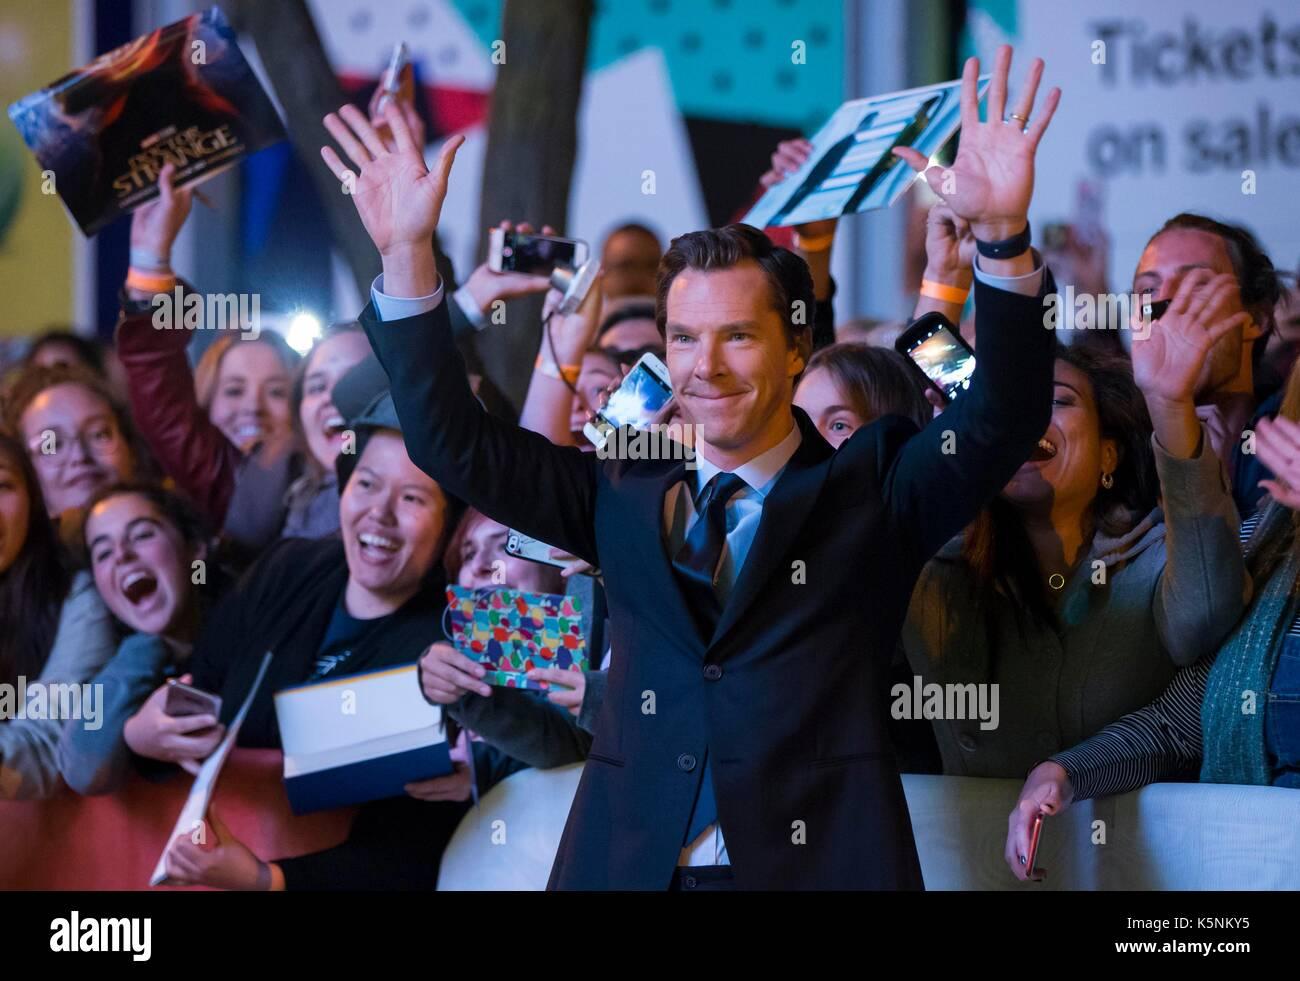 """Toronto, Canadá. 9 set, 2017. ator bento cumberbatch (frente) coloca para fotos com os fãs como ele atende a estreia mundial do filme """"A actual guerra"""" na Princess of Wales Theatre durante o festival internacional de Cinema de Toronto 2017 em Toronto, Canadá, sept. 9, 2017. crédito: zou zheng/xinhua/alamy notícias ao vivo Imagens de Stock"""